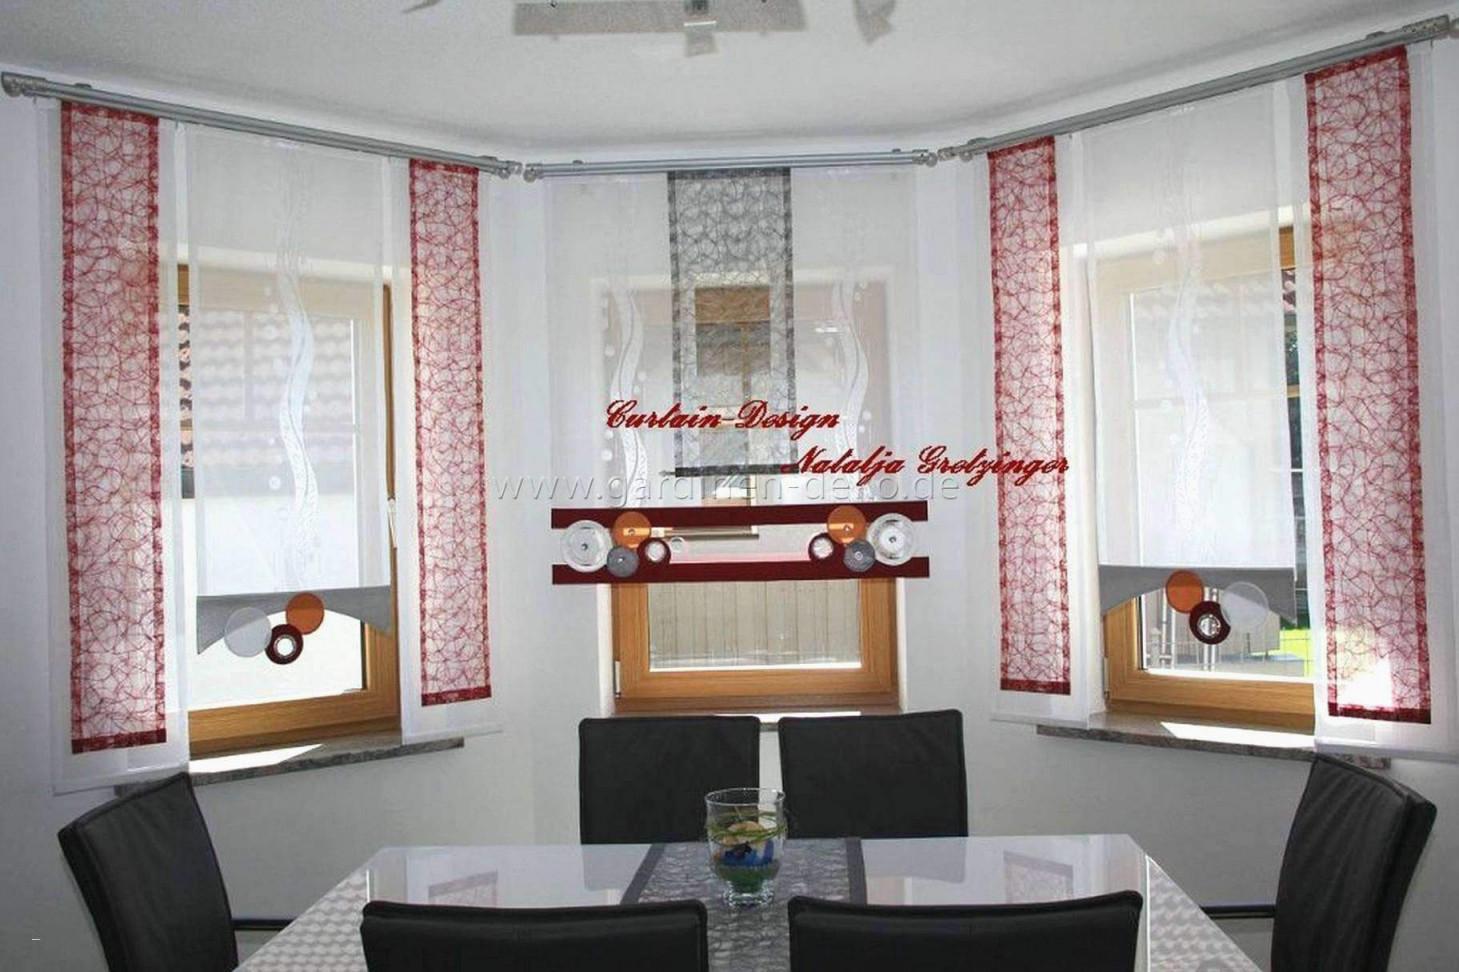 37 Inspirierend Querbehang Wohnzimmer Das Beste Von von Gardinen Querbehang Wohnzimmer Photo